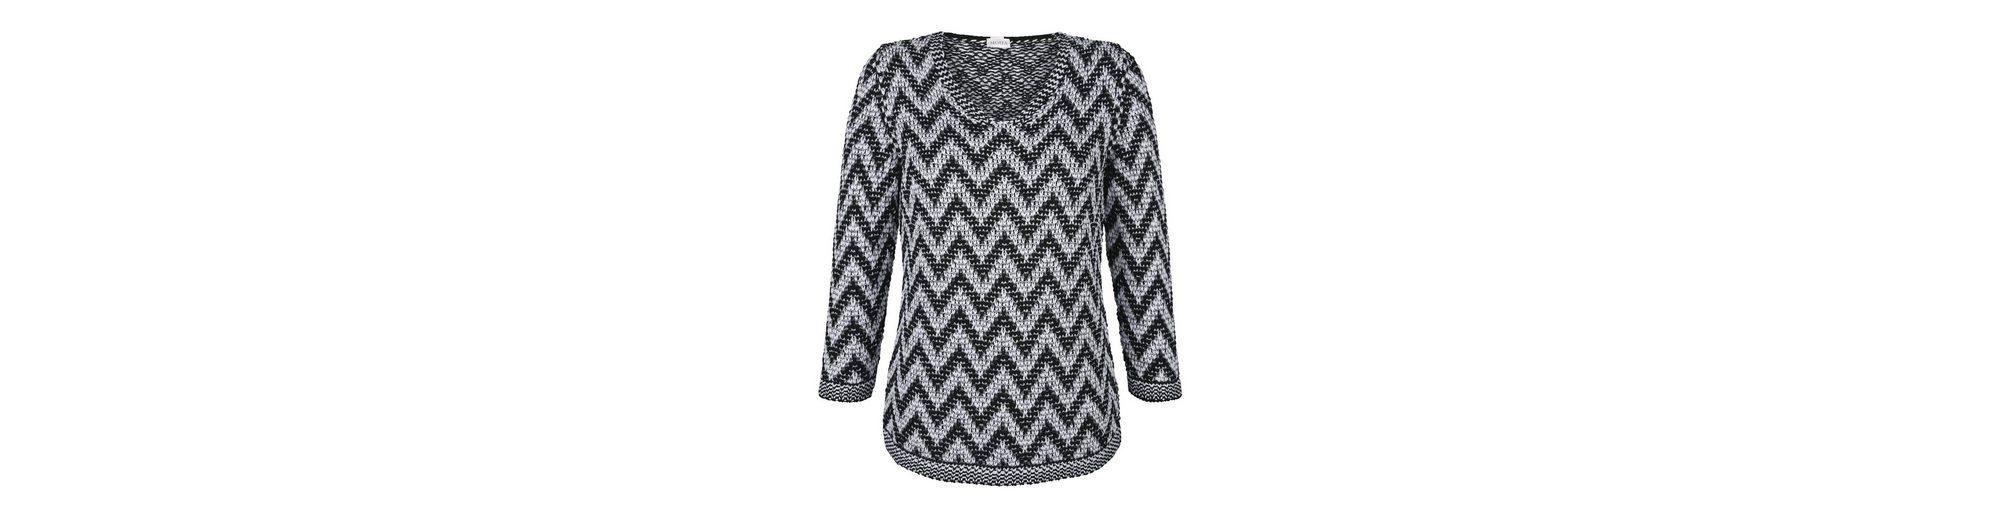 Bestpreis Bestes Großhandel Online Mona Pullover mit Zick-Zack-Muster Auf Heißen Verkauf Kostenloser Versand Spielraum Hohe Qualität A2i4Cb0